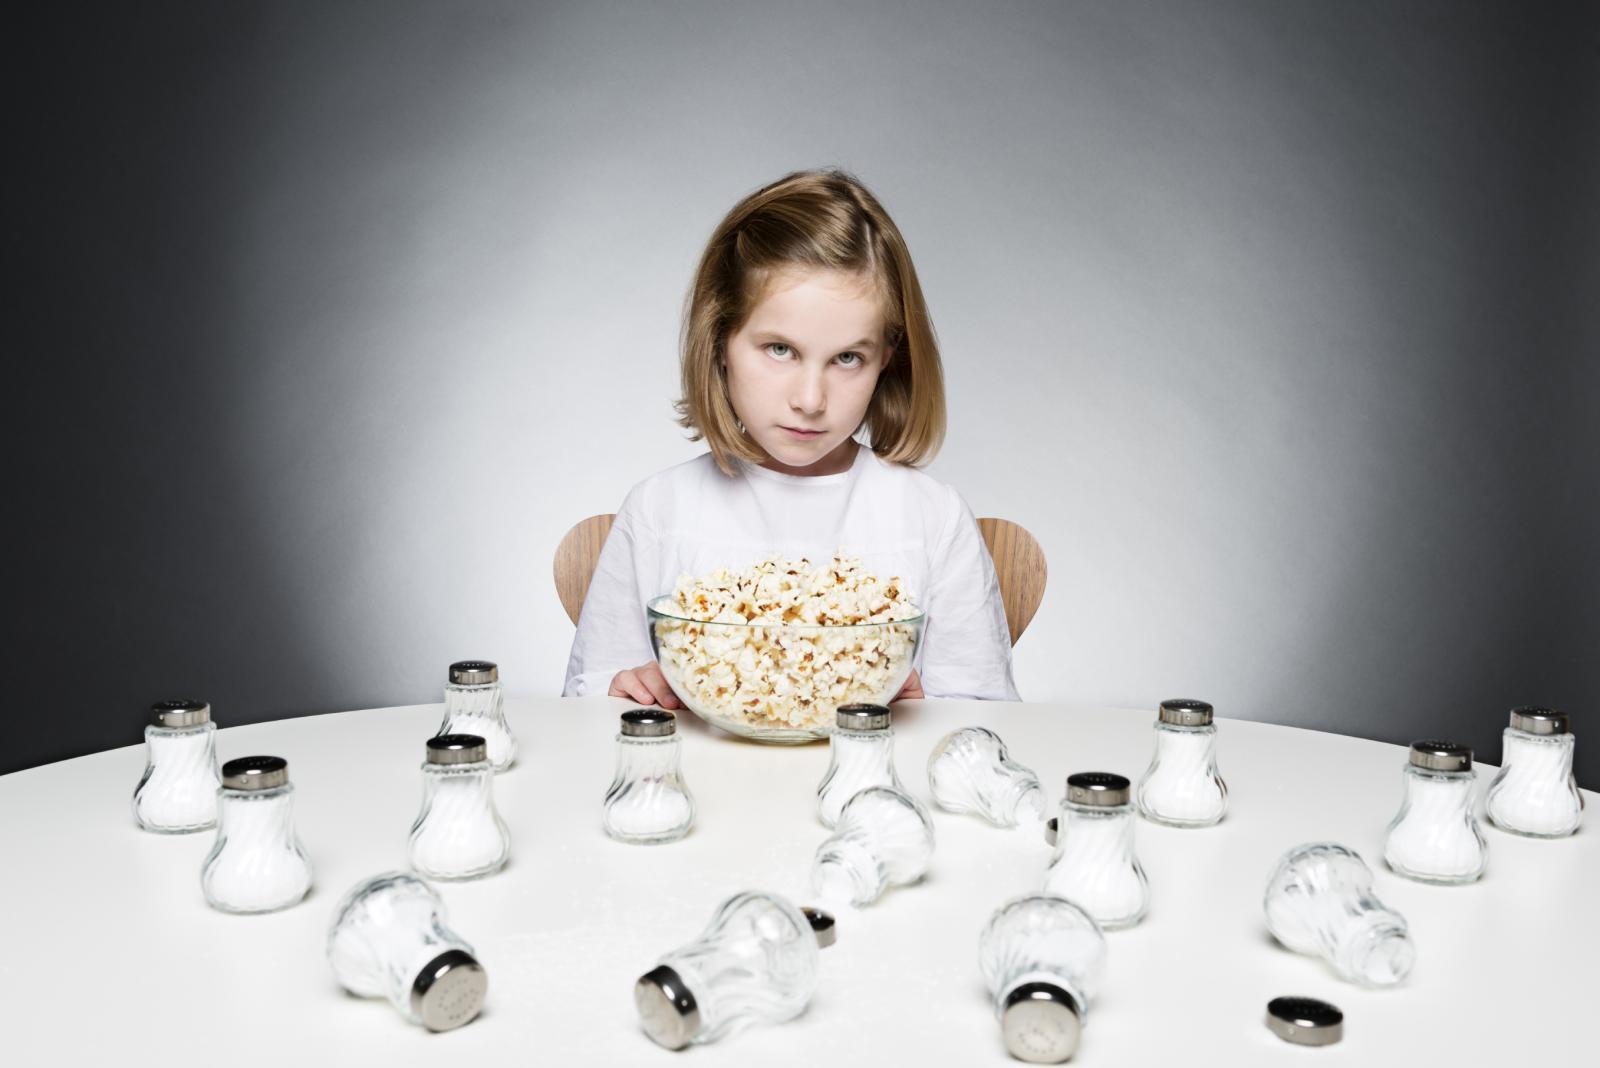 Pripazite koliko soli vaše dijete dnevno pojede.